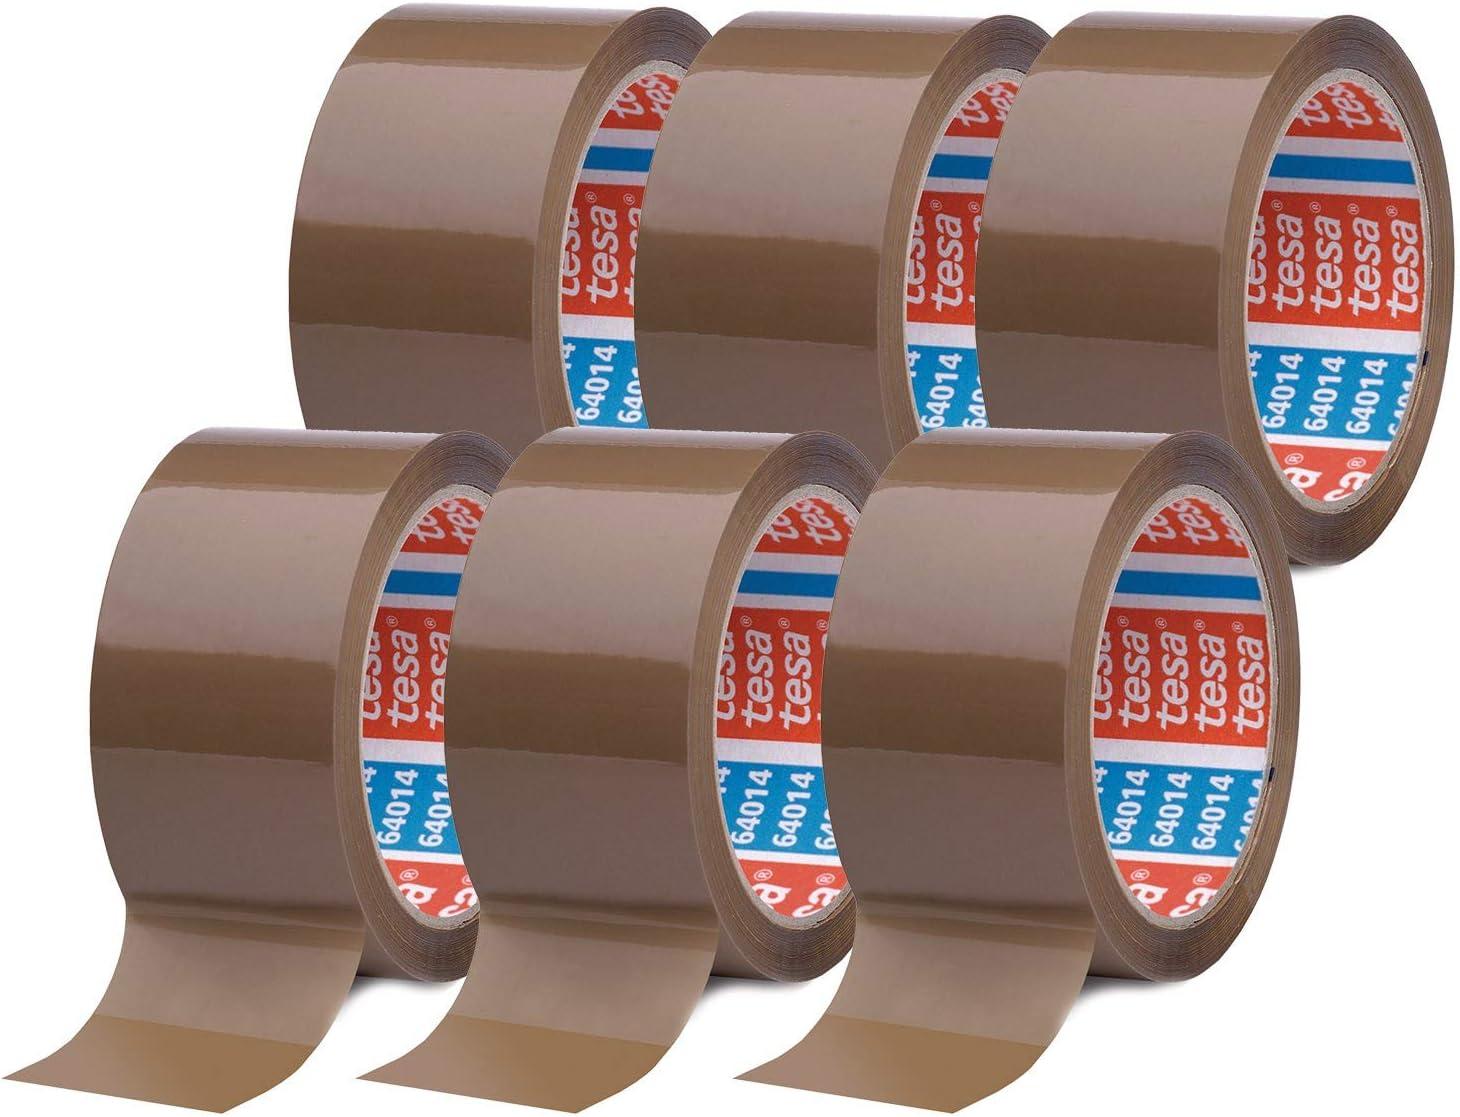 Tesa 04124-00343-00 colore: Marrone 66 m x 50 mm Nastro adesivo